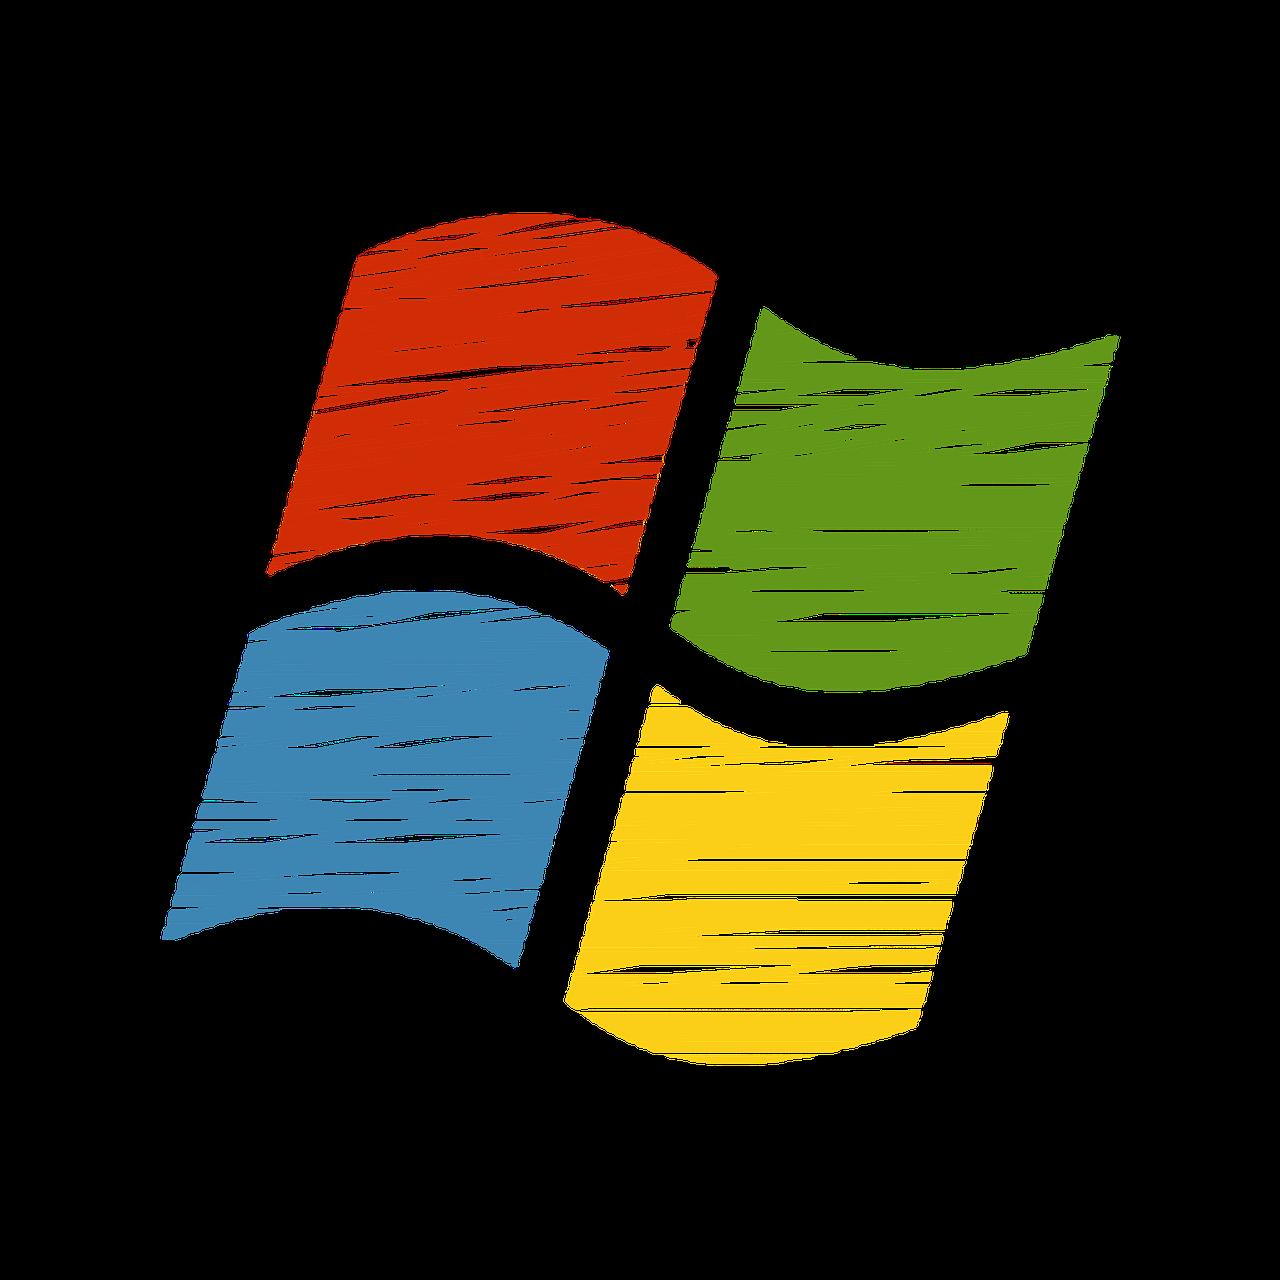 Windows10への移行に関して